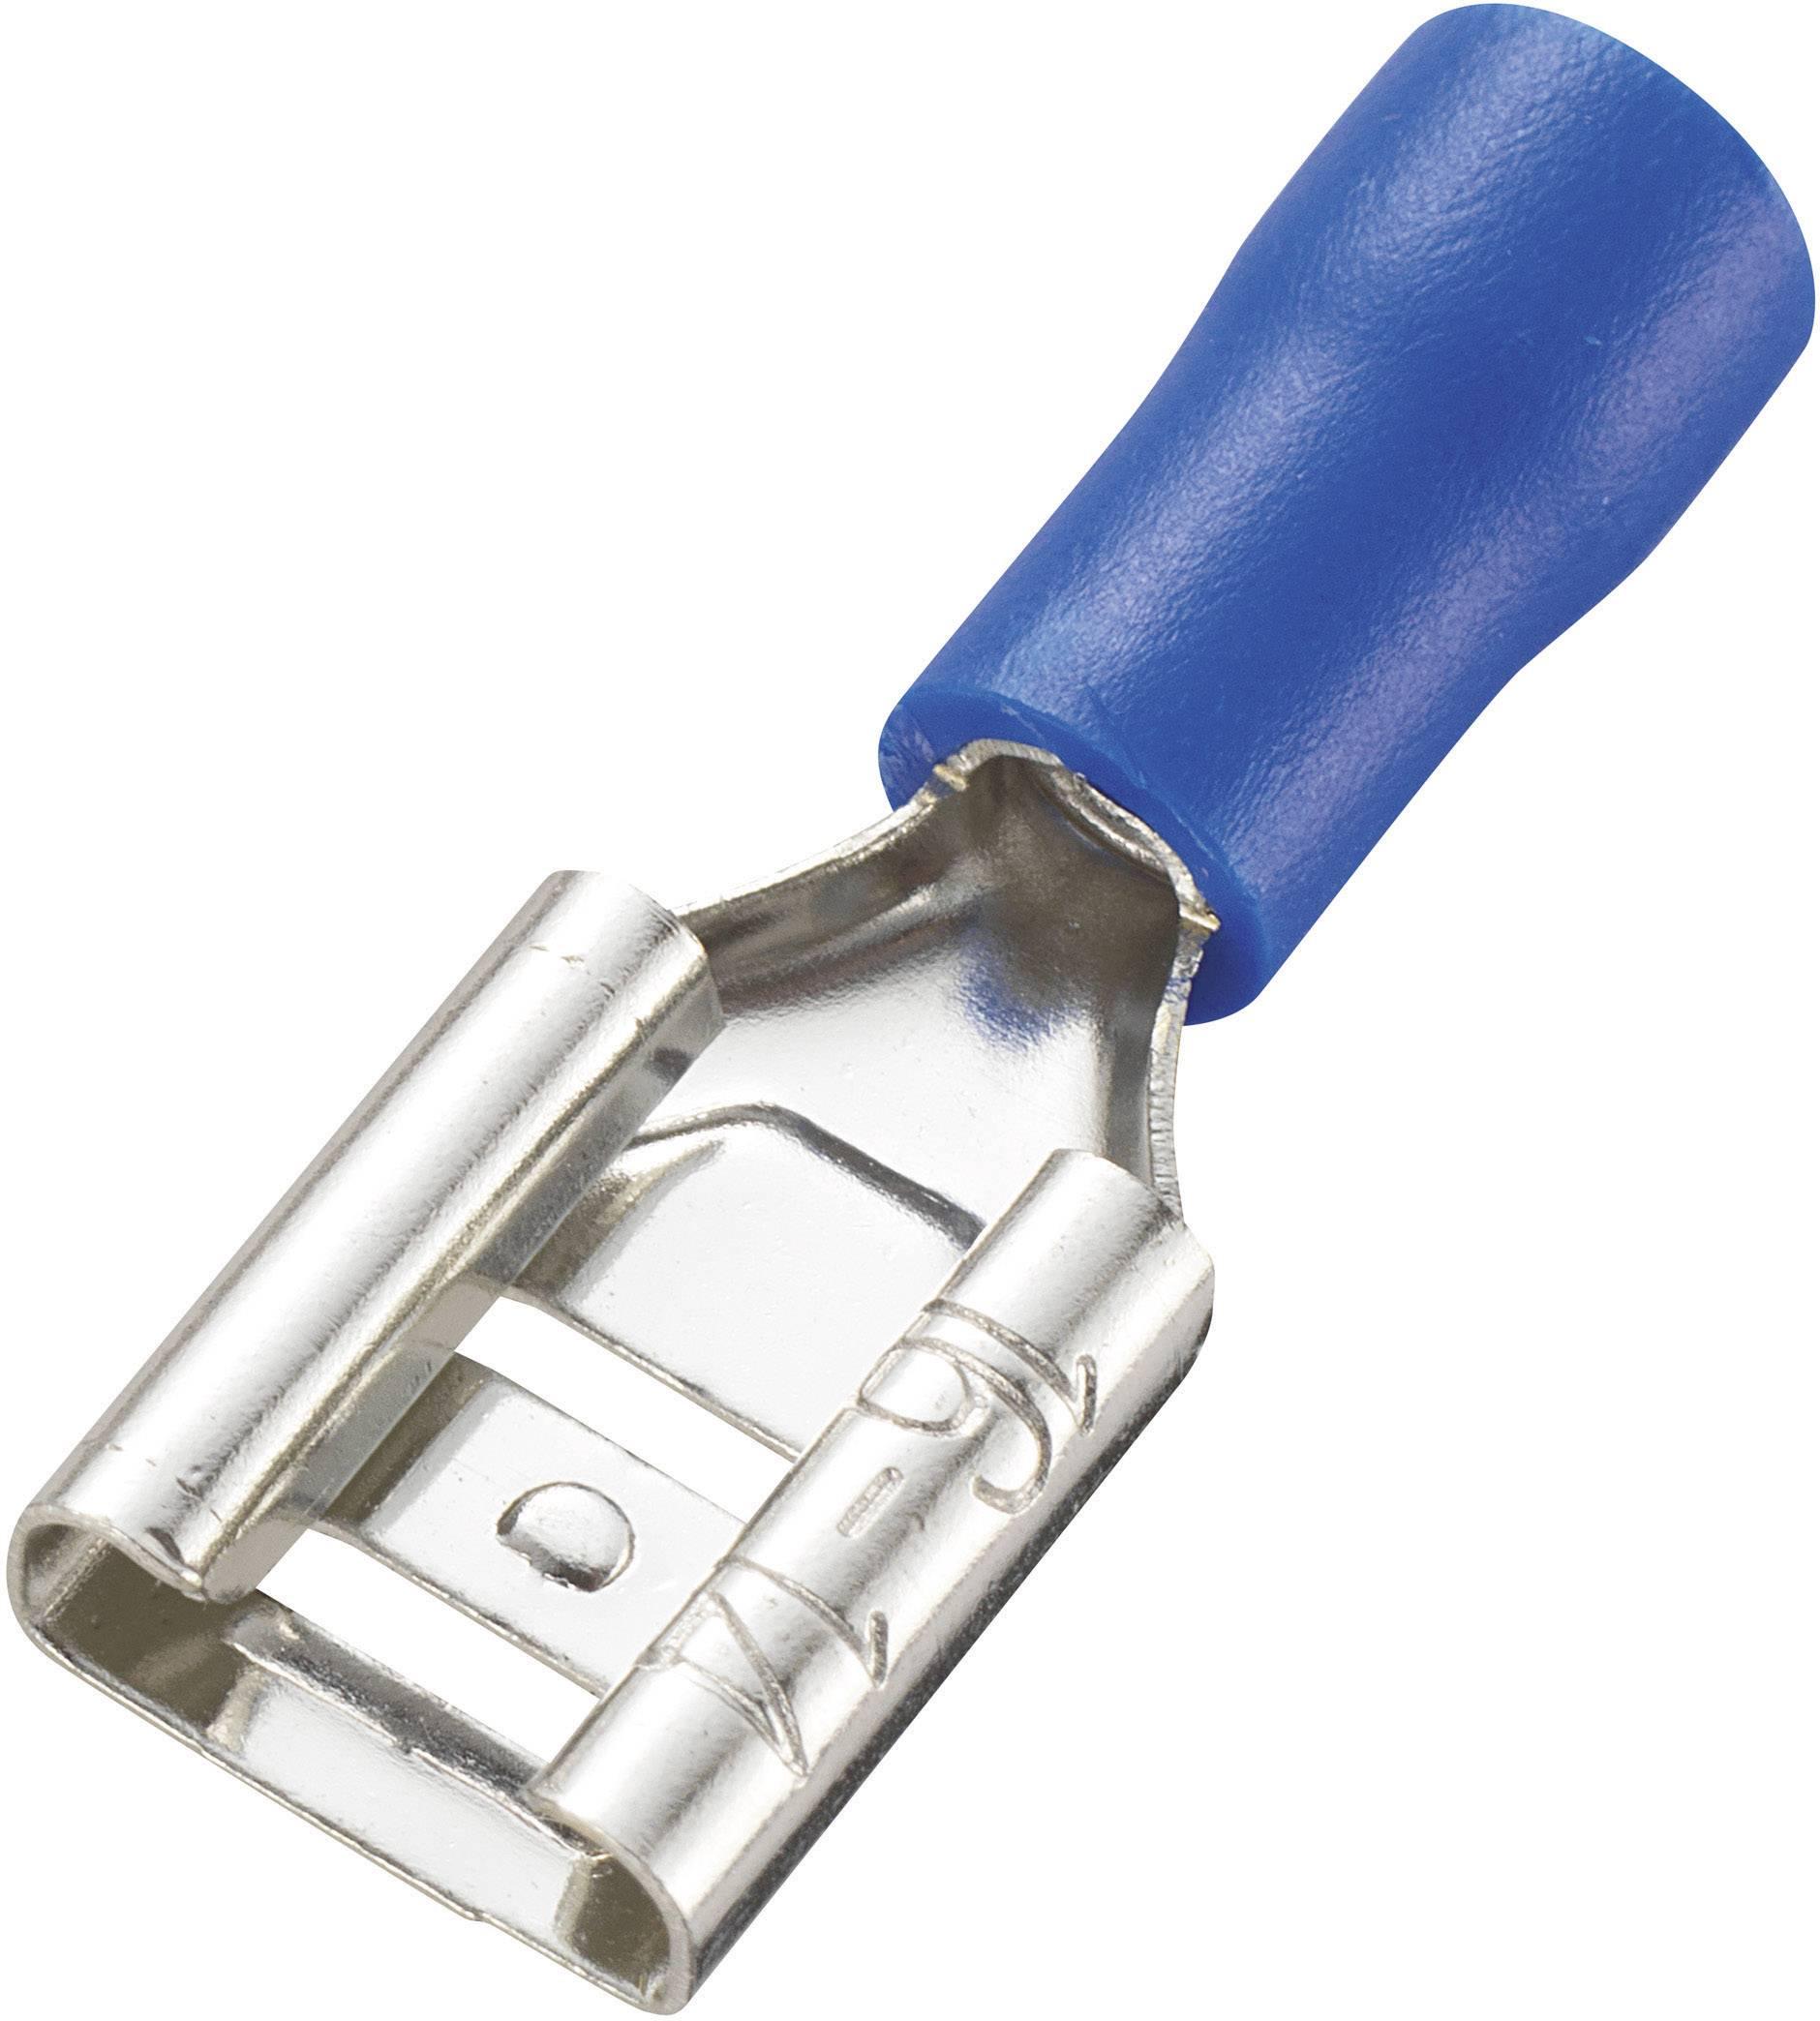 Faston zásuvka Conrad Components 737509 8.0 mm x 0.8 mm, 180 °, částečná izolace, modrá, 100 ks